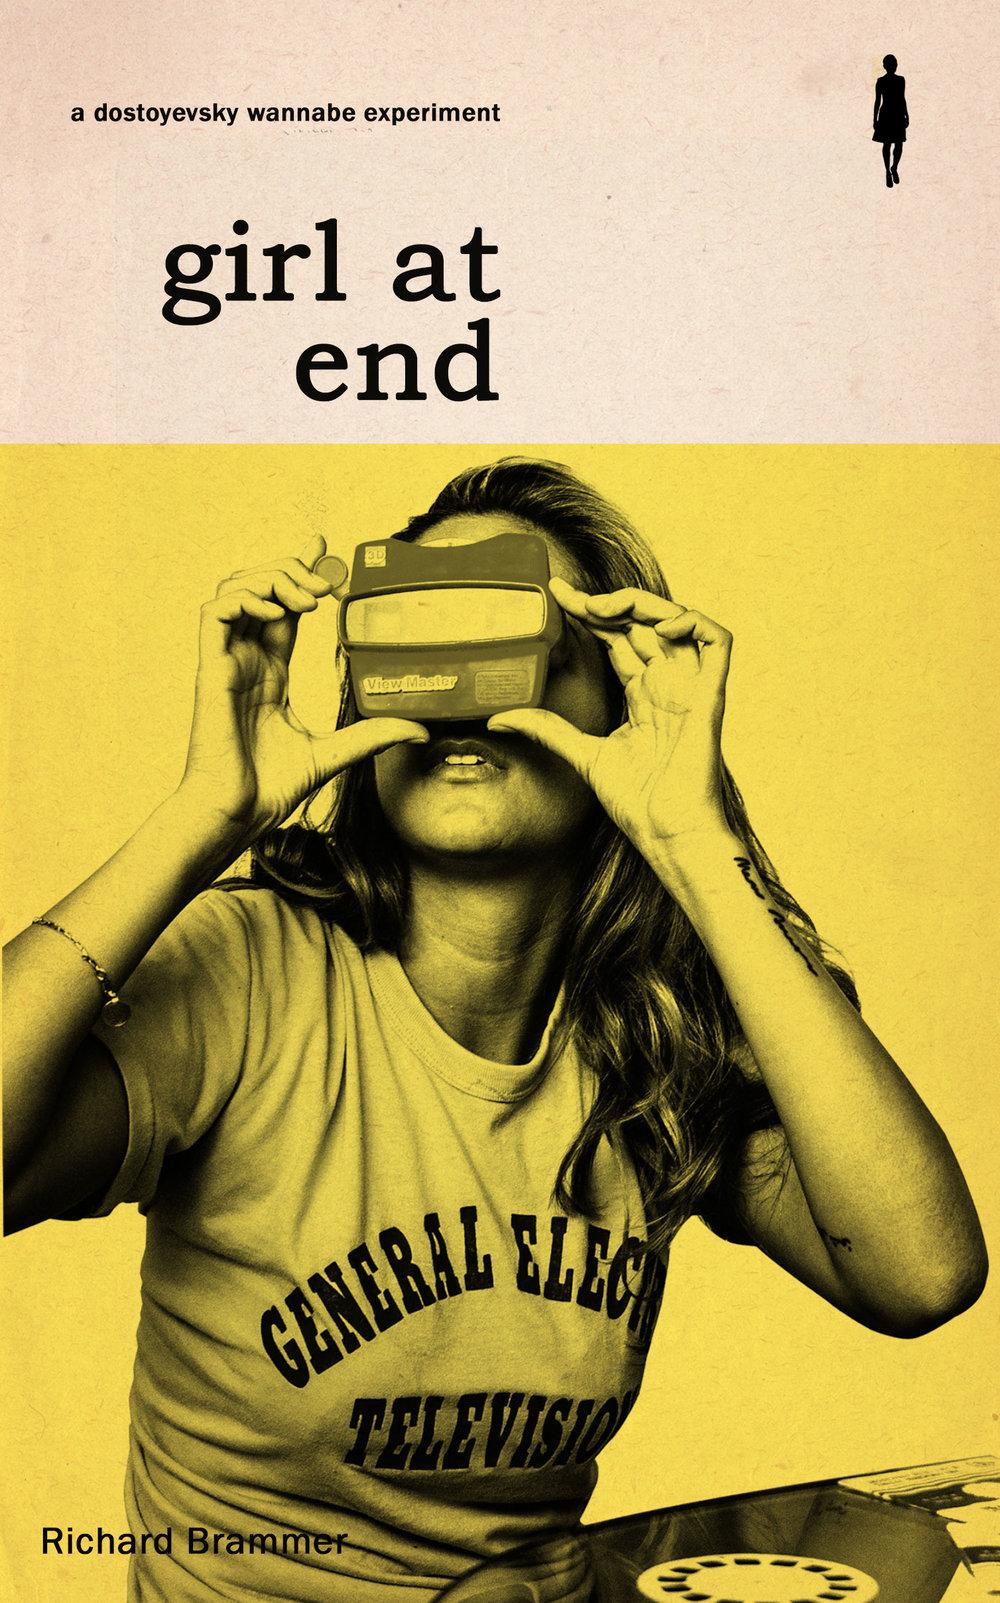 girl_at_endv2 (1).jpg